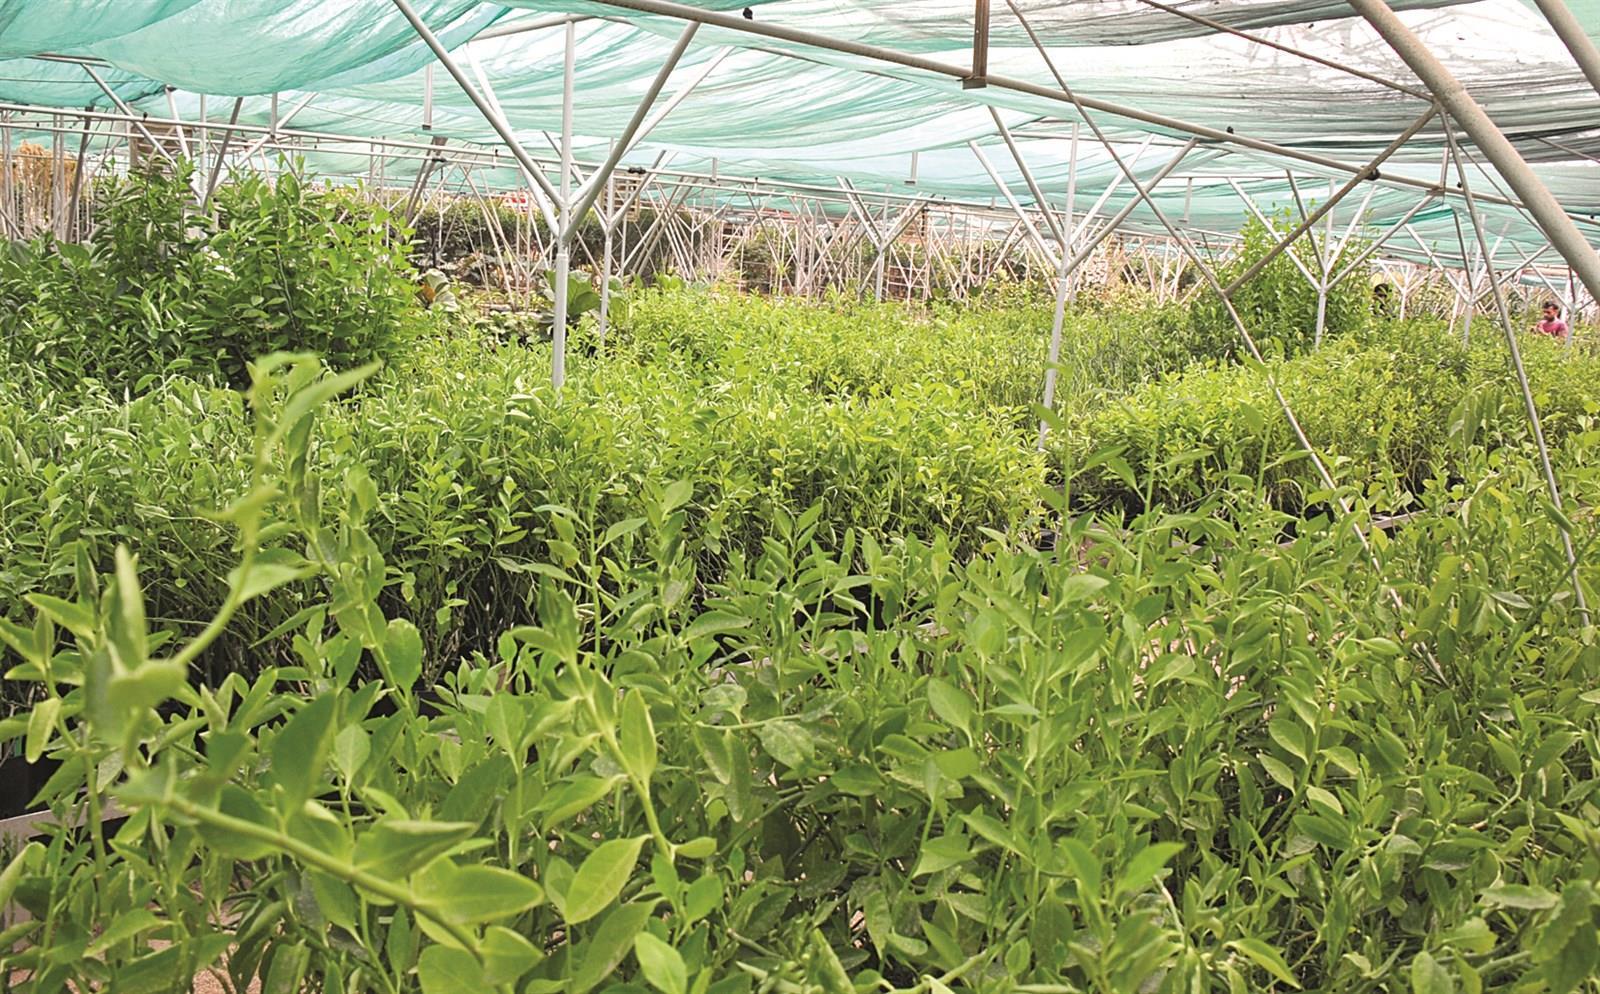 كيفية تطور الزراعة في دولة الكويت